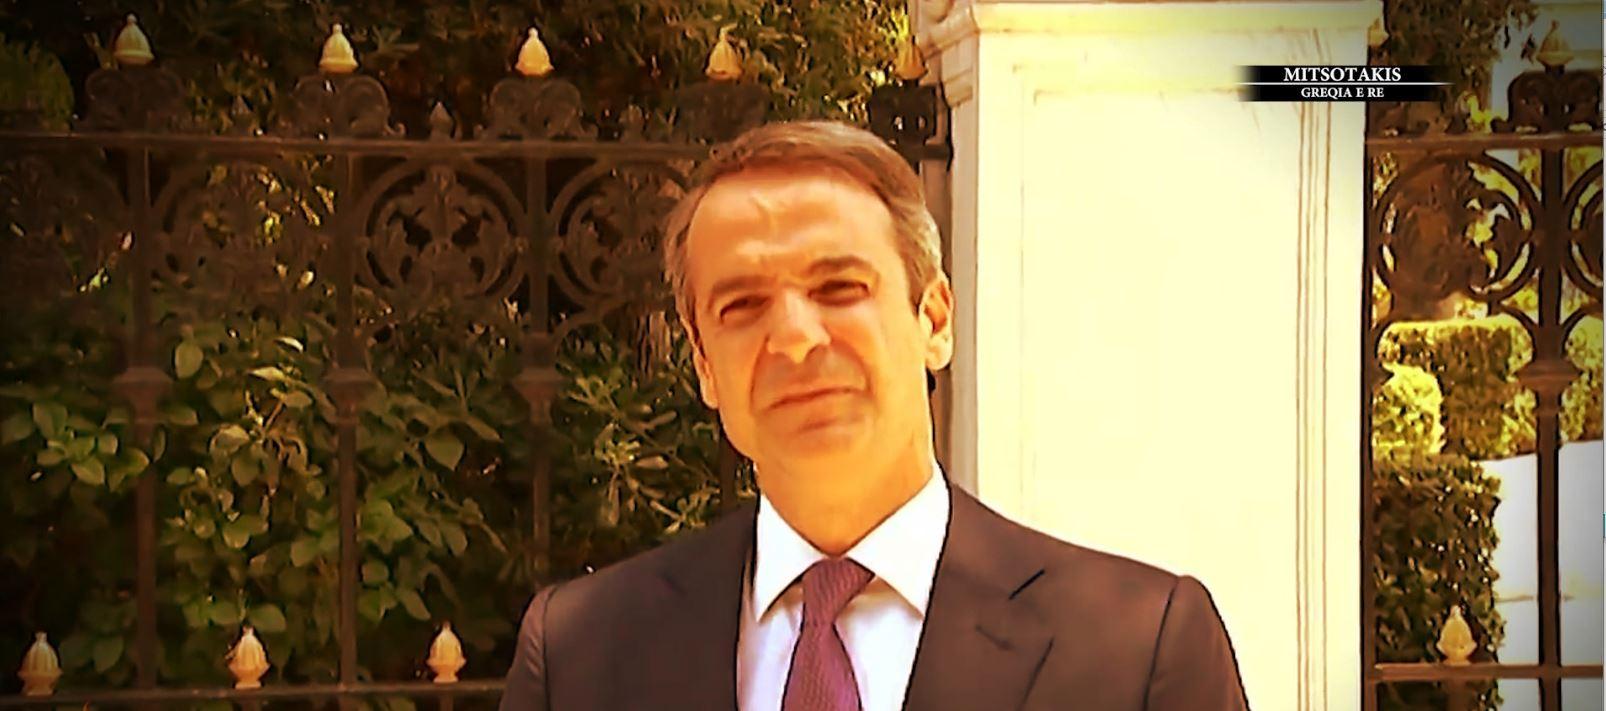 Kryeministri grek Mitsotakis paralajmëron ndryshim të madh